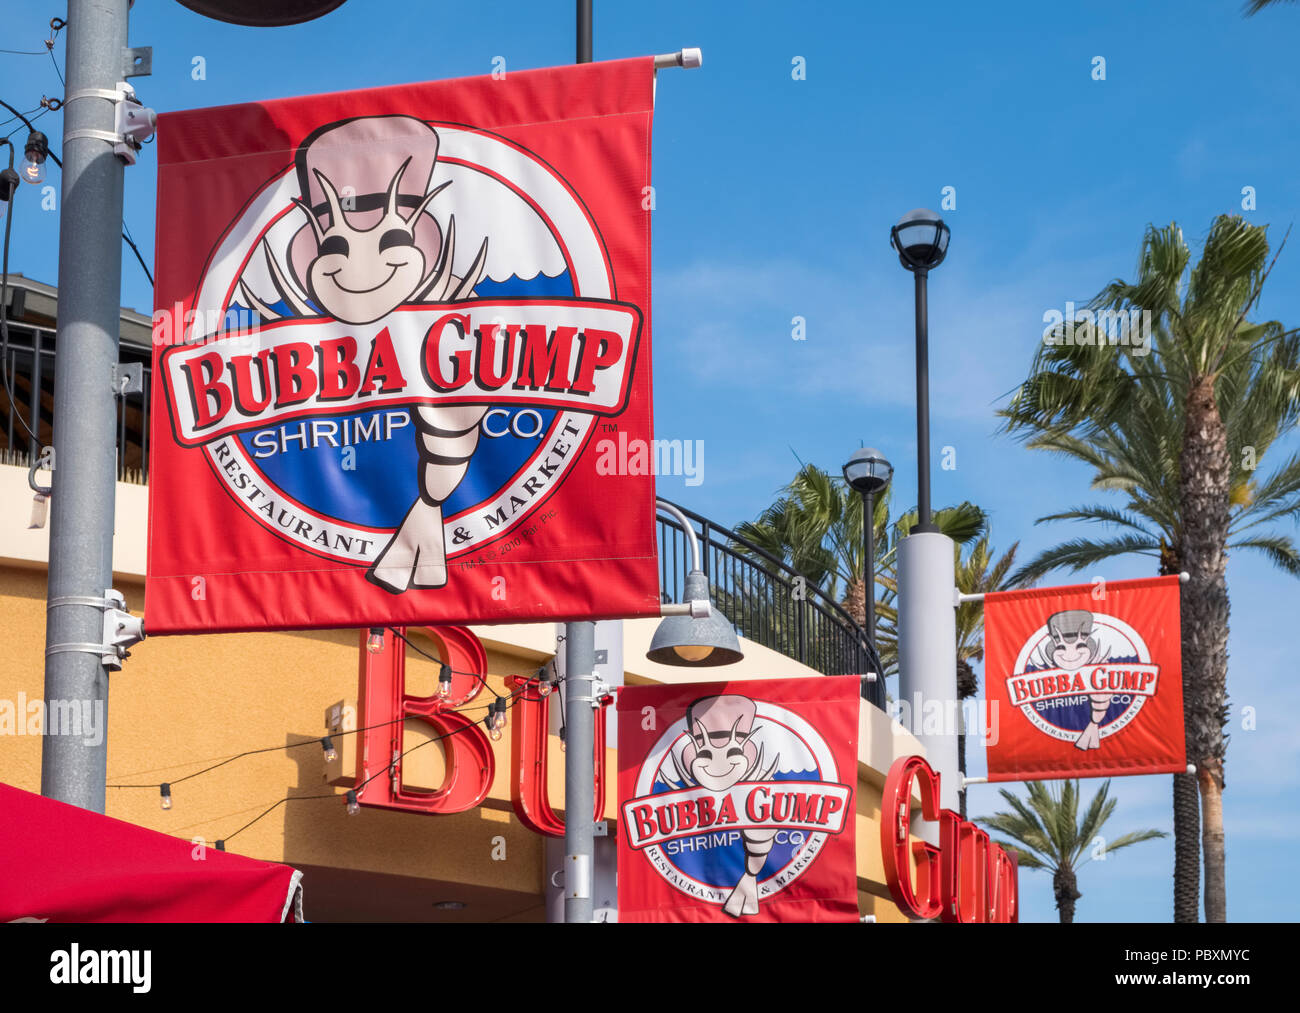 Signo de logotipo para la empresa de camarones Bubba Gump cadena de restaurantes (California), CA, EE.UU. Imagen De Stock